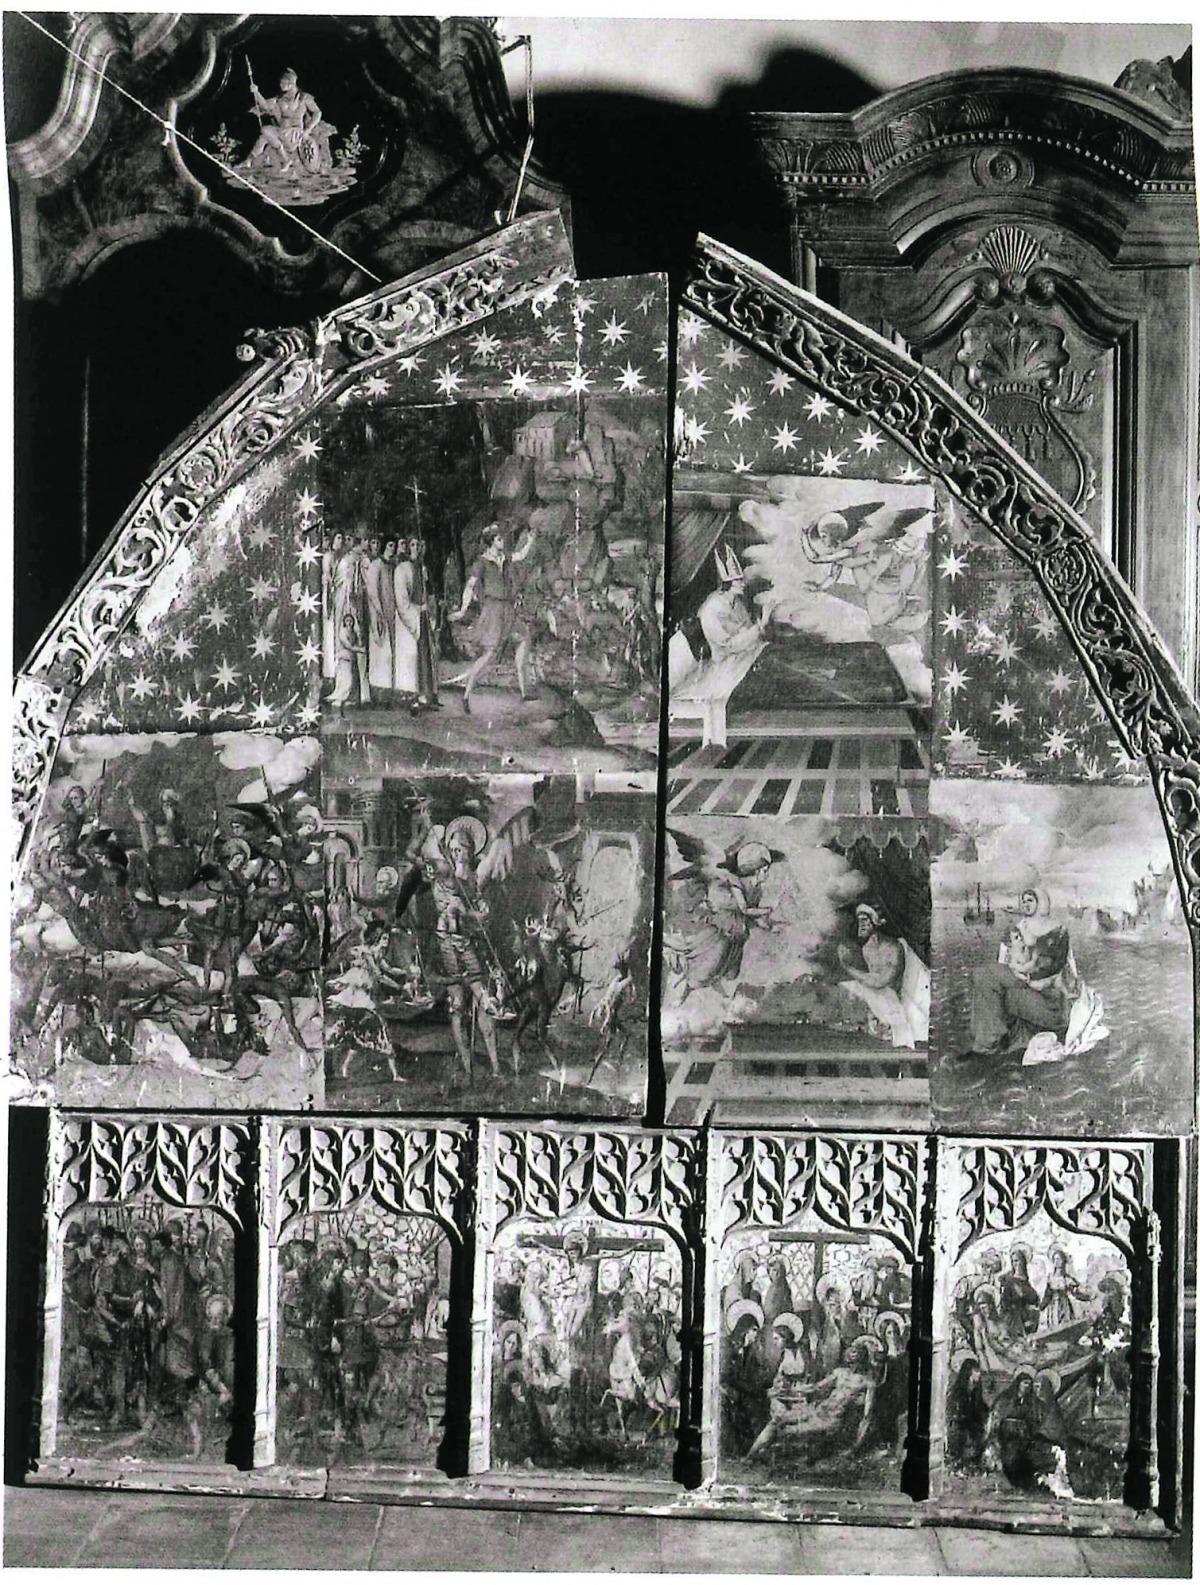 El retaule sencer, en unes de les dues úniques fotografies que se'n conserven, quan ja havia estat arrencat de Sant Miquel i traslladat a Palma de Mallorca.